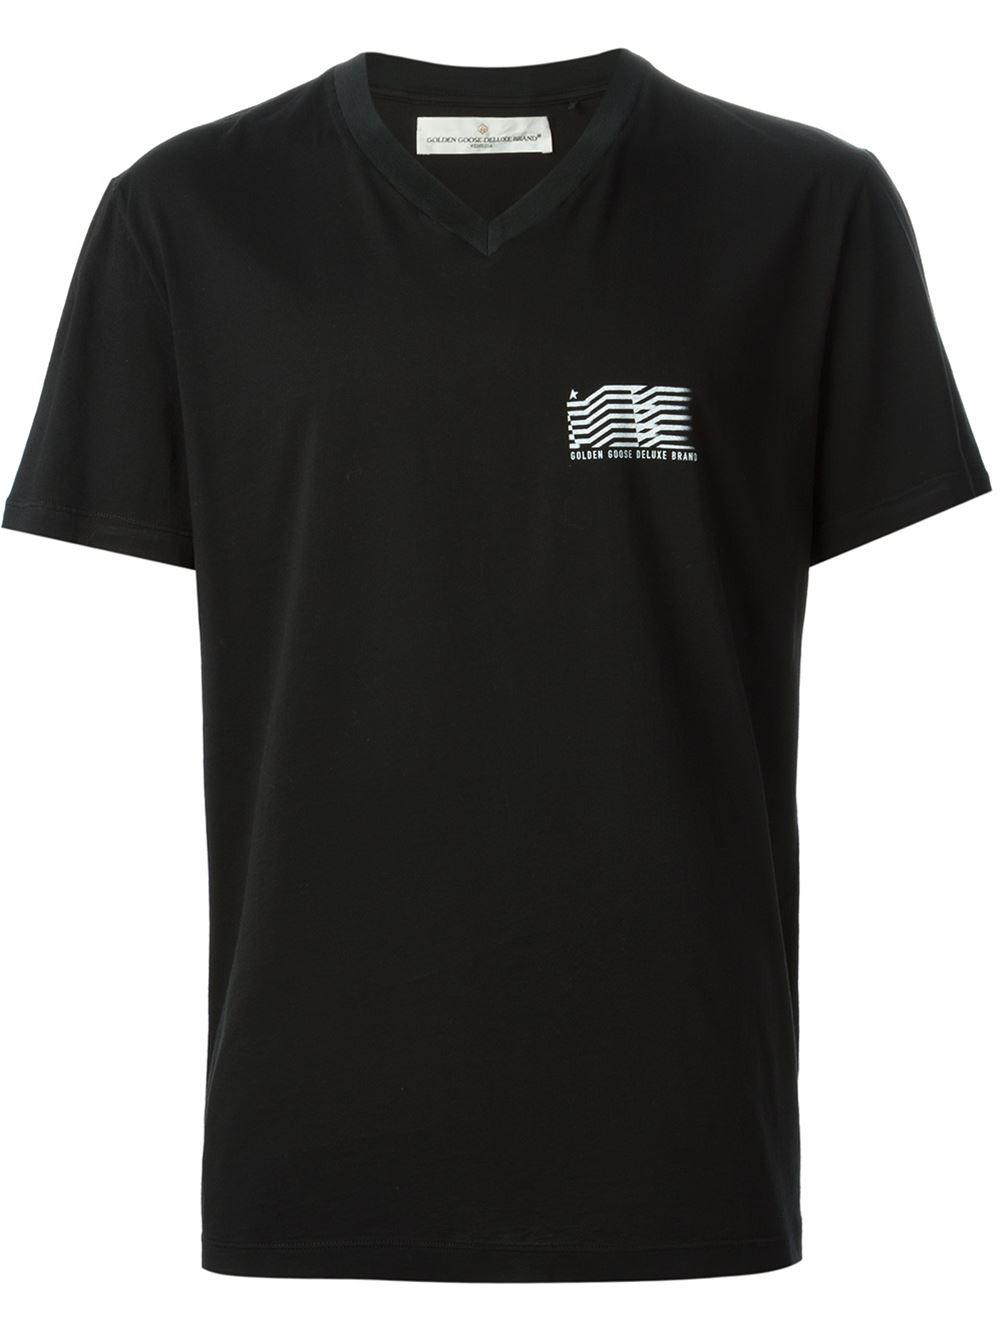 Golden goose deluxe brand logo detail cotton t shirt in for T shirt brand logo